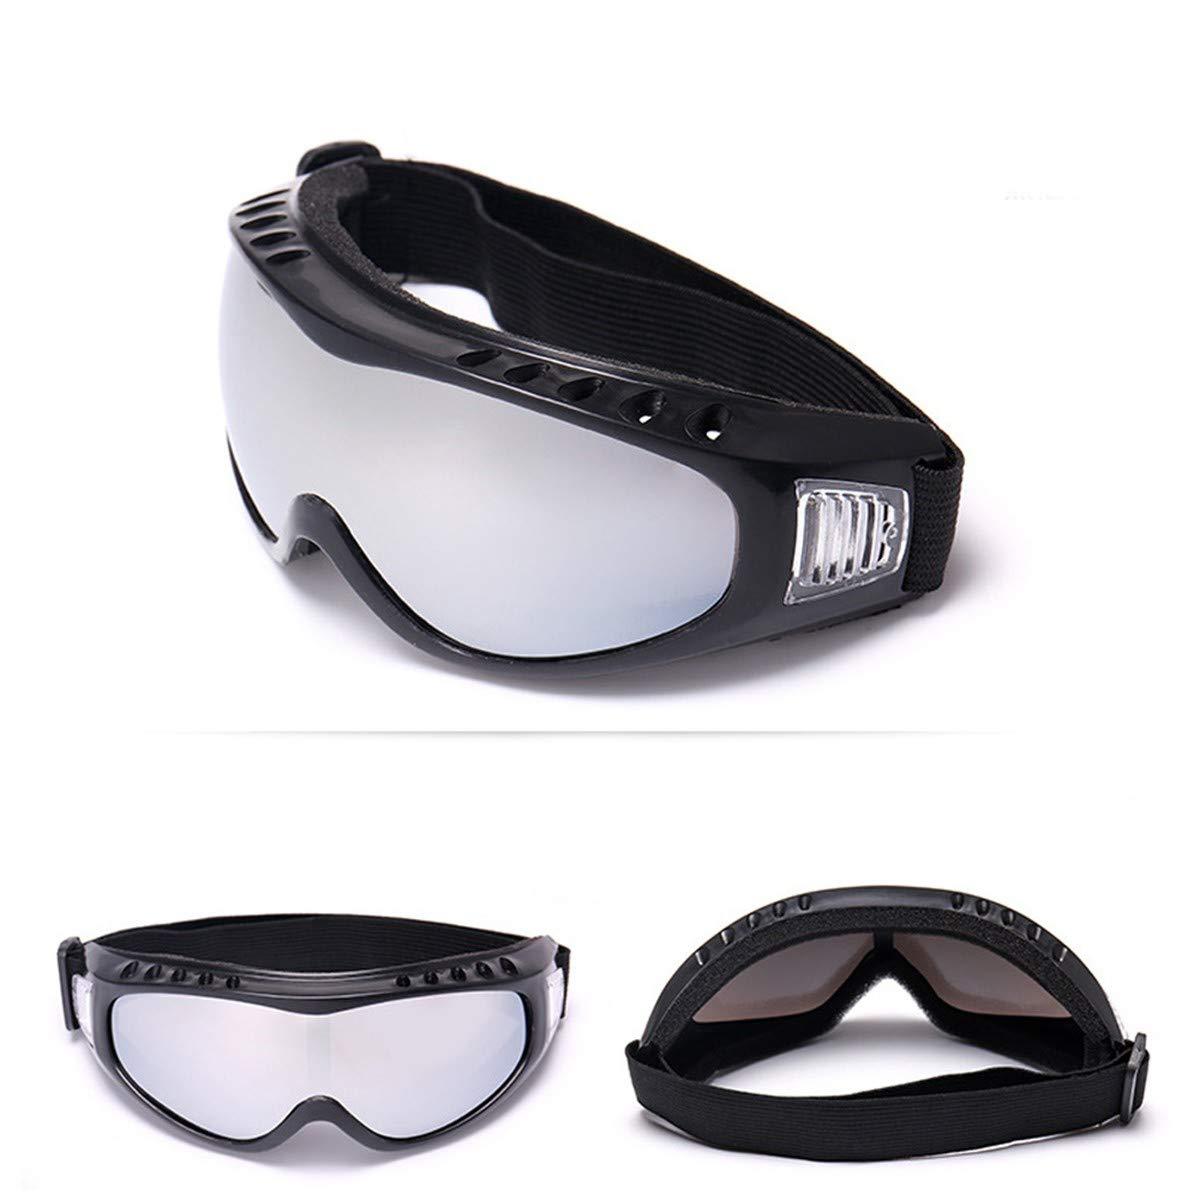 WENDAN EsquiandoMotocicleta Gafas de Sol de esquí a Prueba de Polvo Gafas de Motocross Gafas de Cross Country a Prueba de Viento